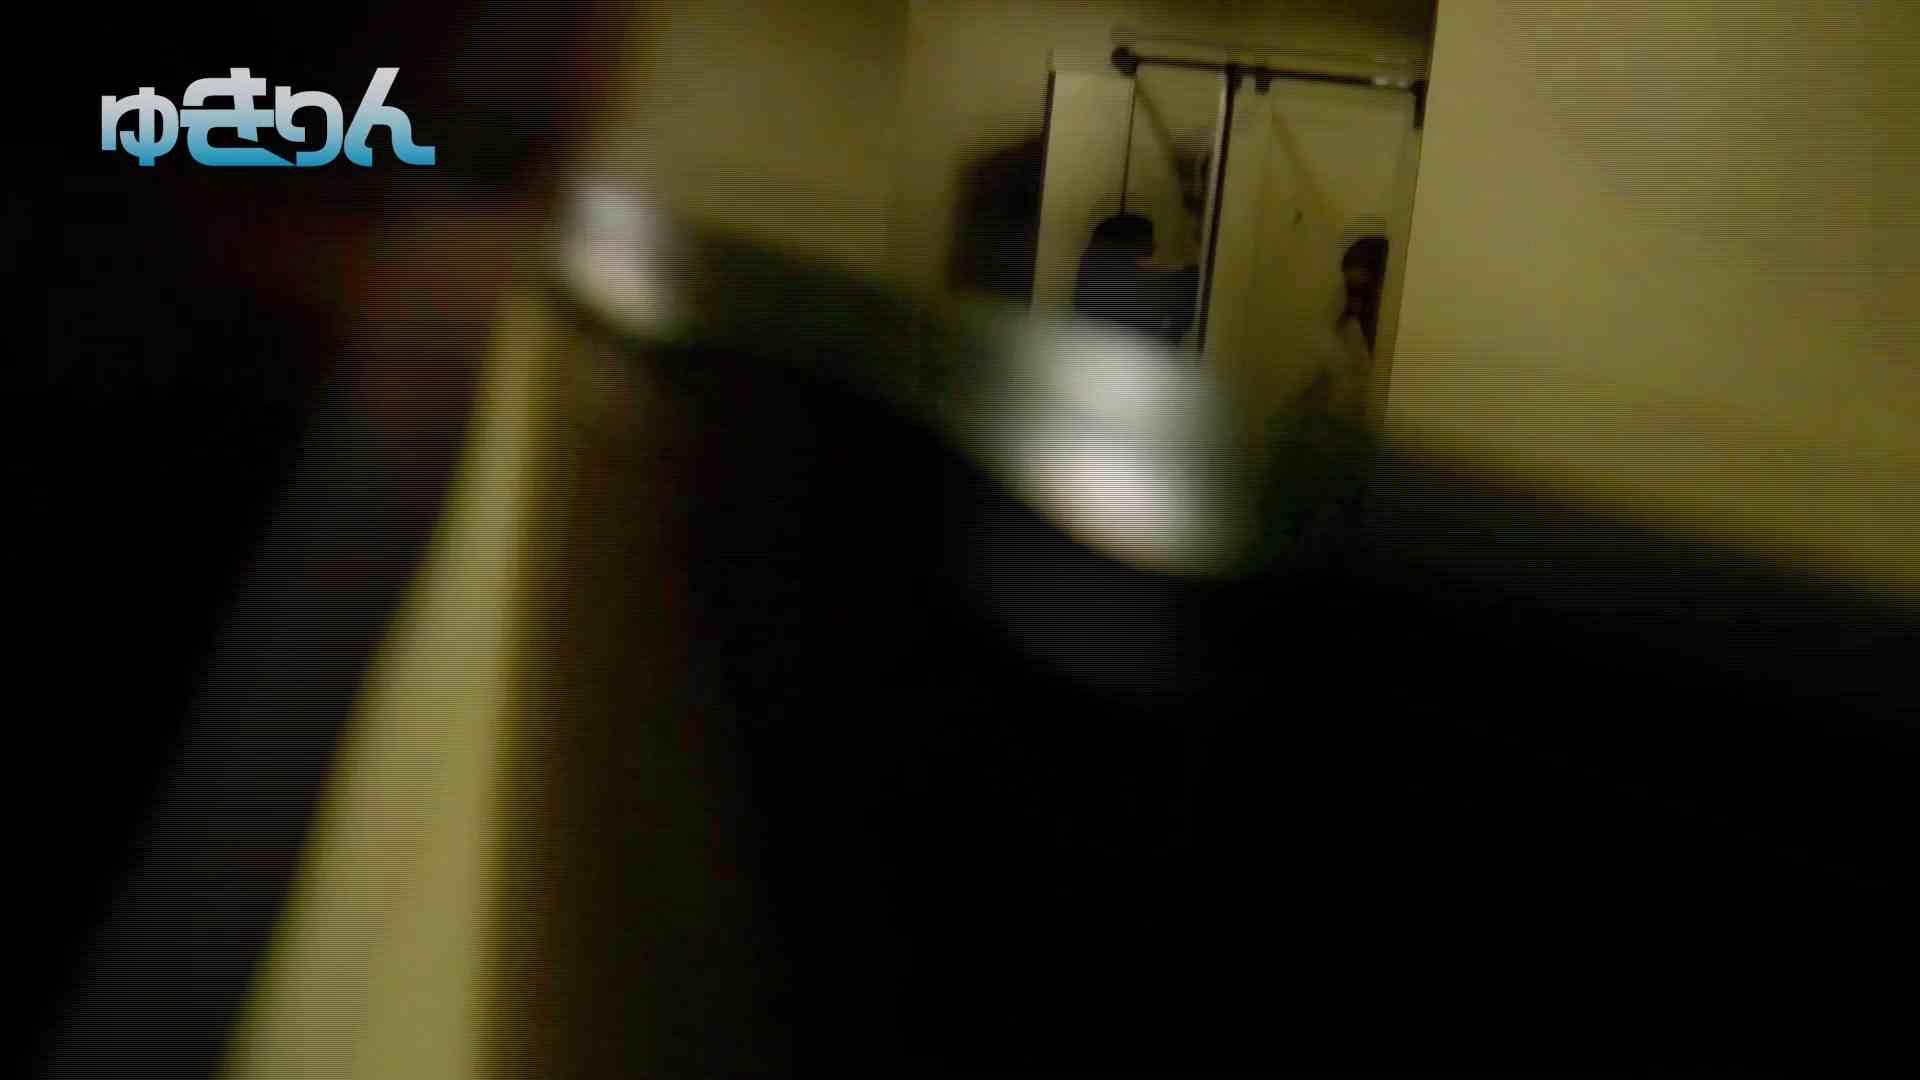 新世界の射窓 No79 ハイっ!きましたトップモデル登場実は名女優 ギャル達   丸見え  108枚 97